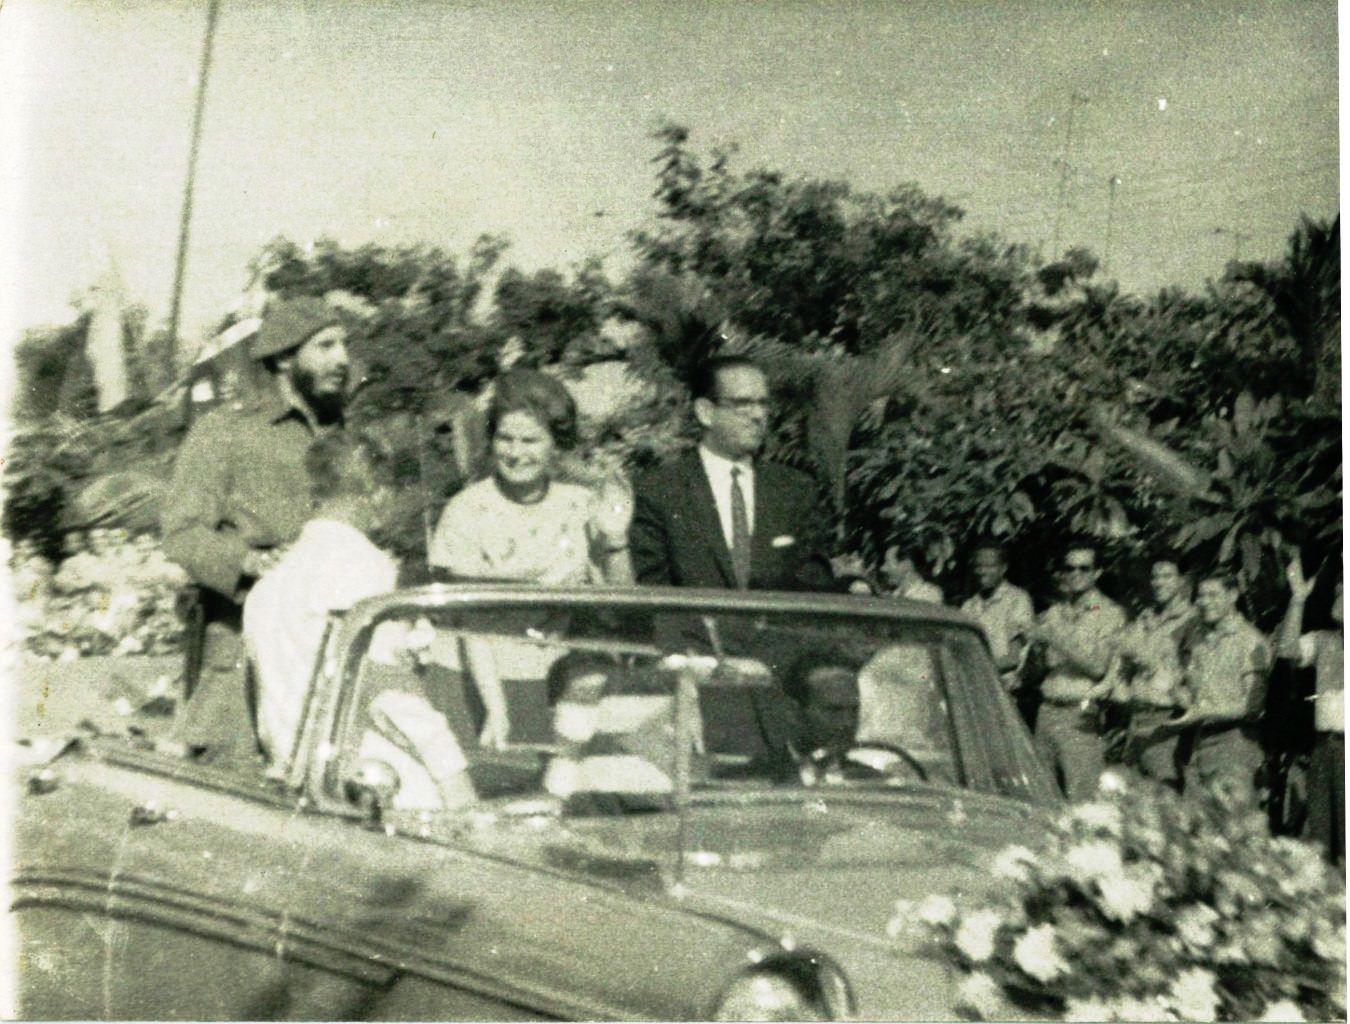 В.В. Терешкова, Фидель Кастро, президент Кубы Освальдо Дортикос Торрадо. Встреча в аэропорту им. Хосе Марти в Гаване, 8 октября 1963